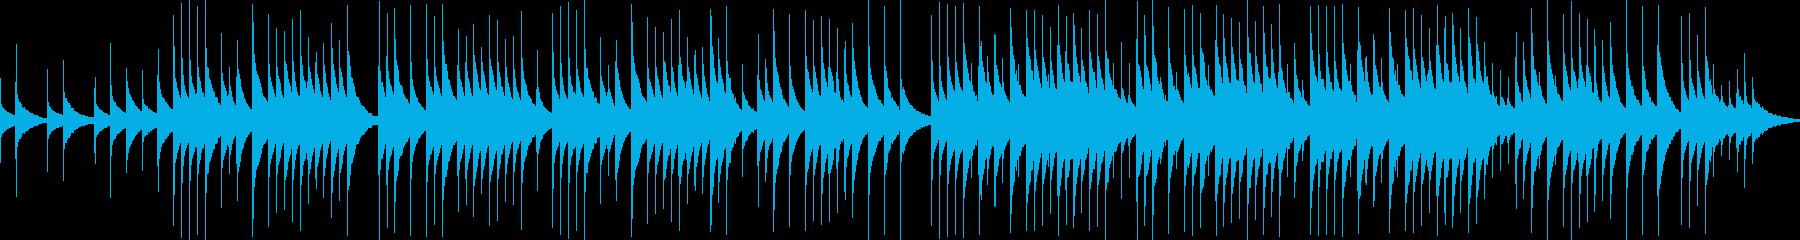 【オルゴール】楽しく踊るワルツ(ループ)の再生済みの波形